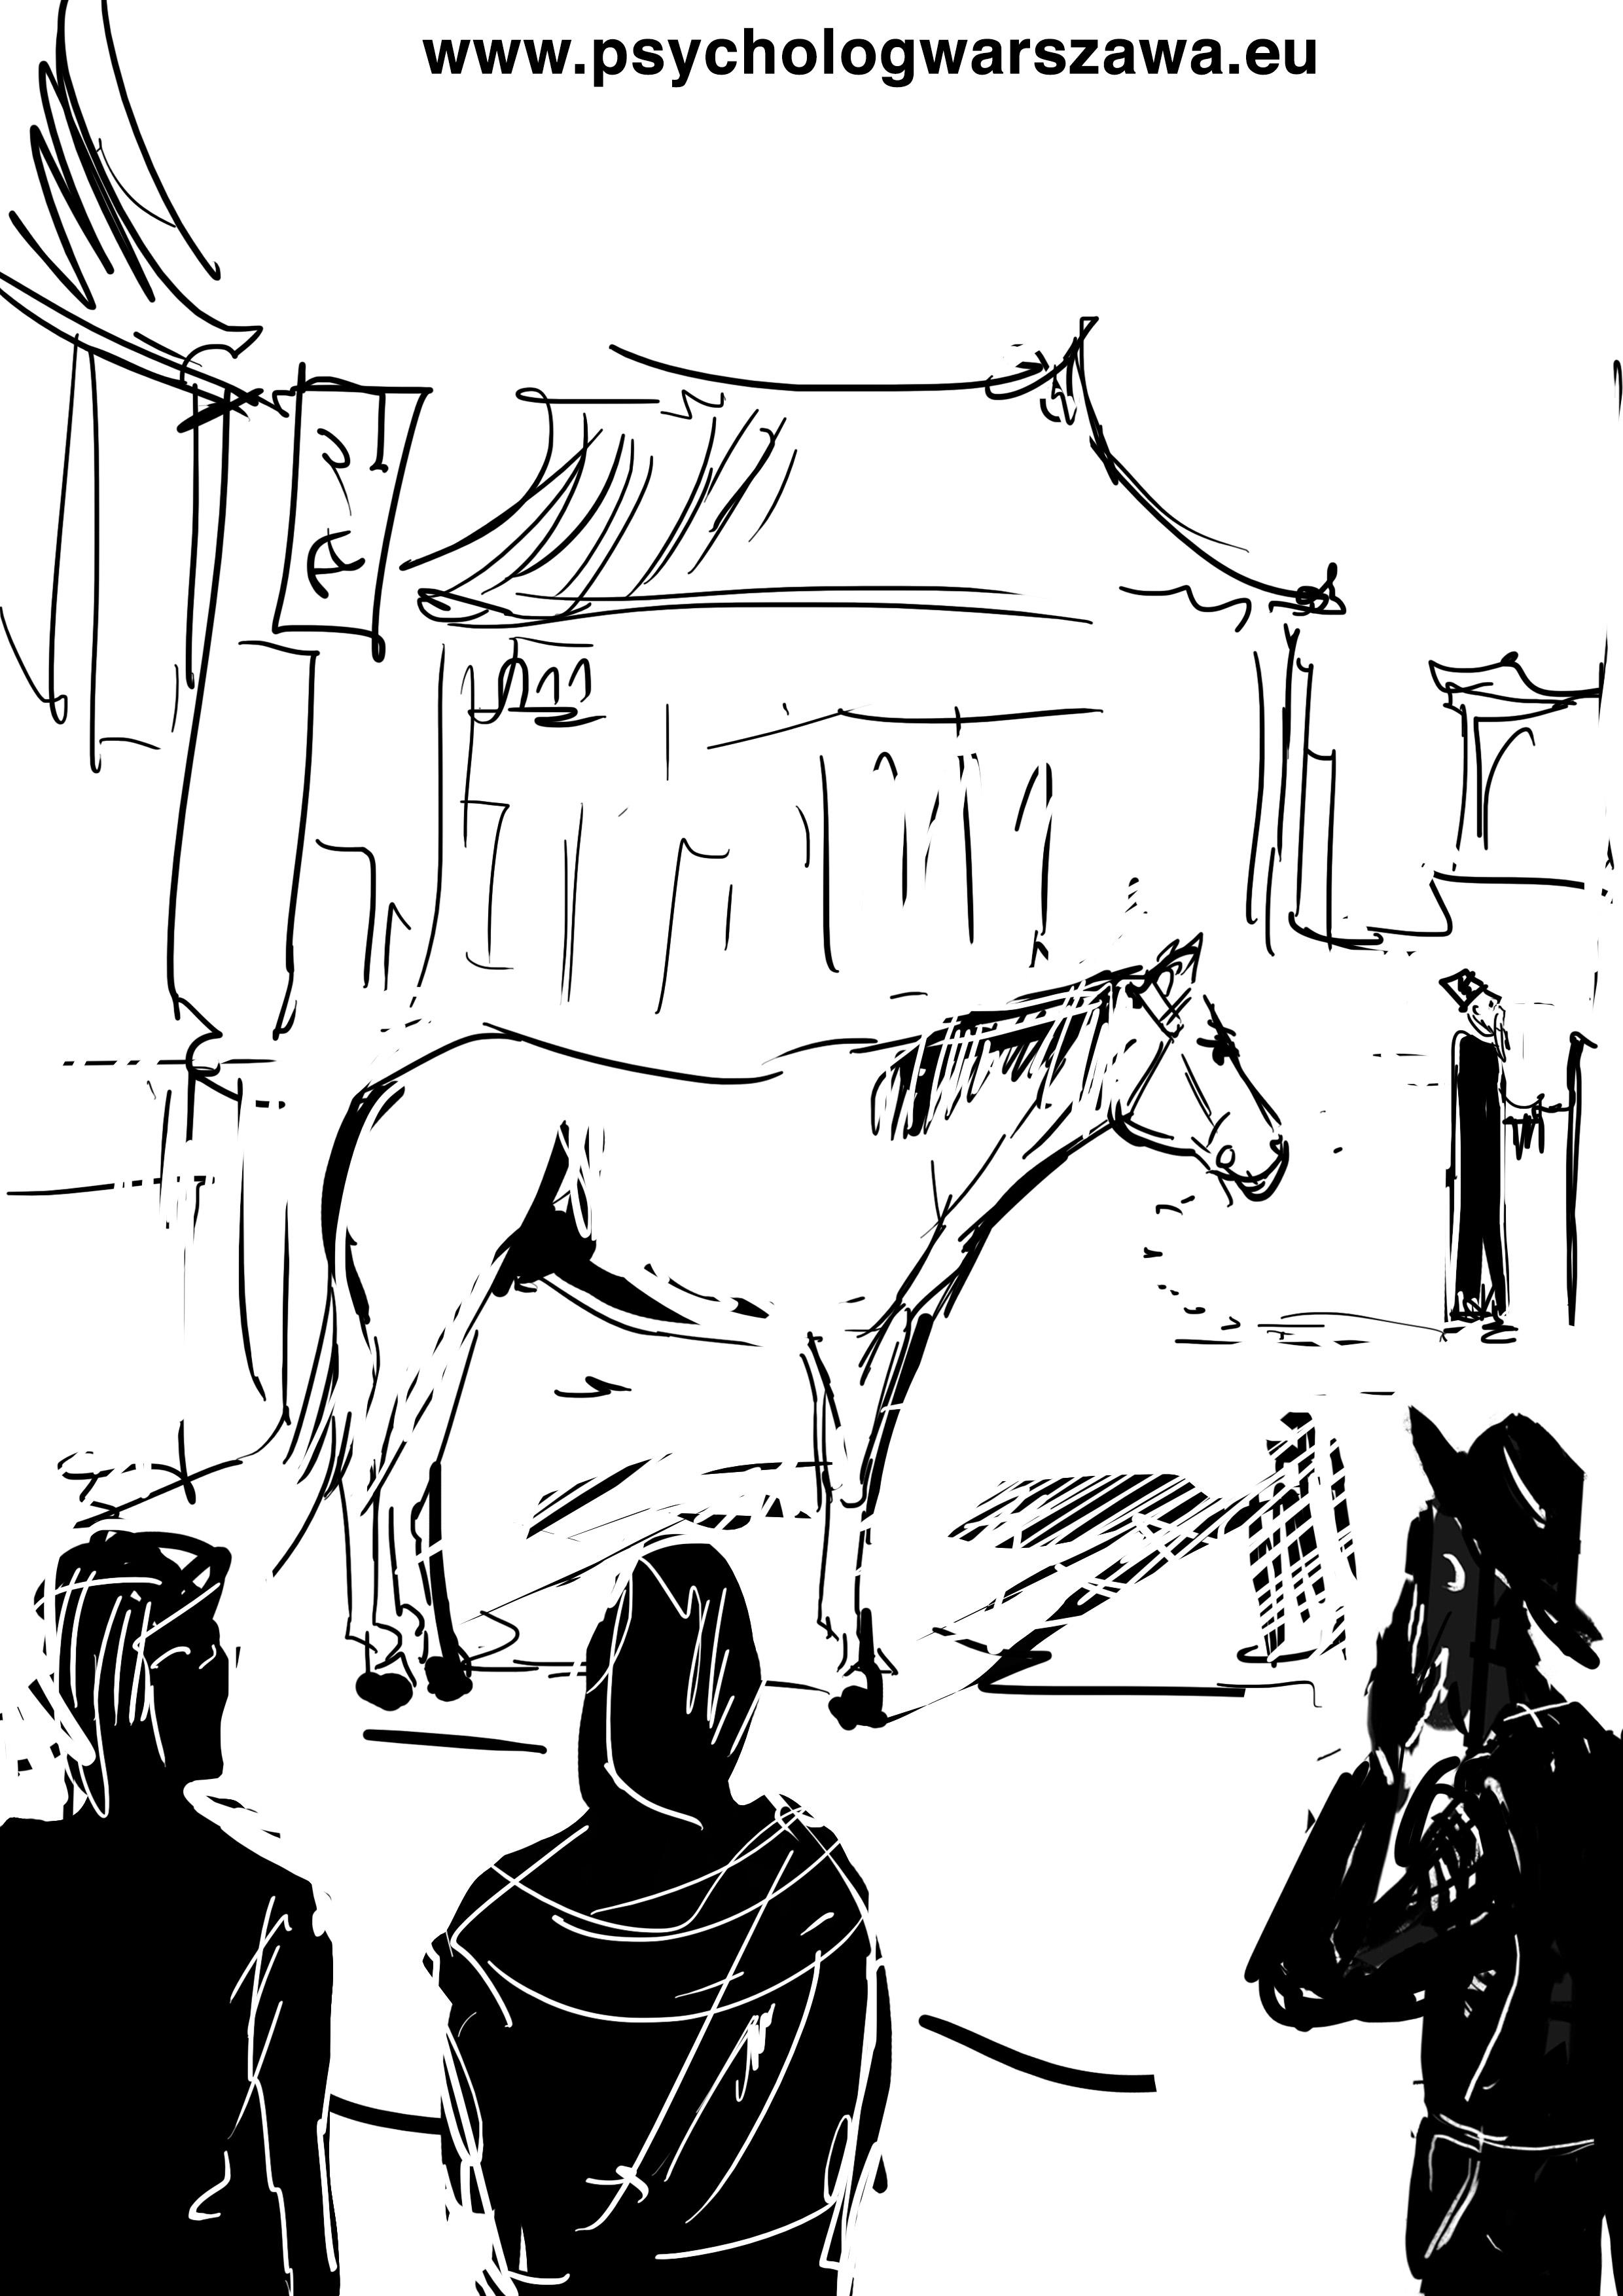 kon i starzec